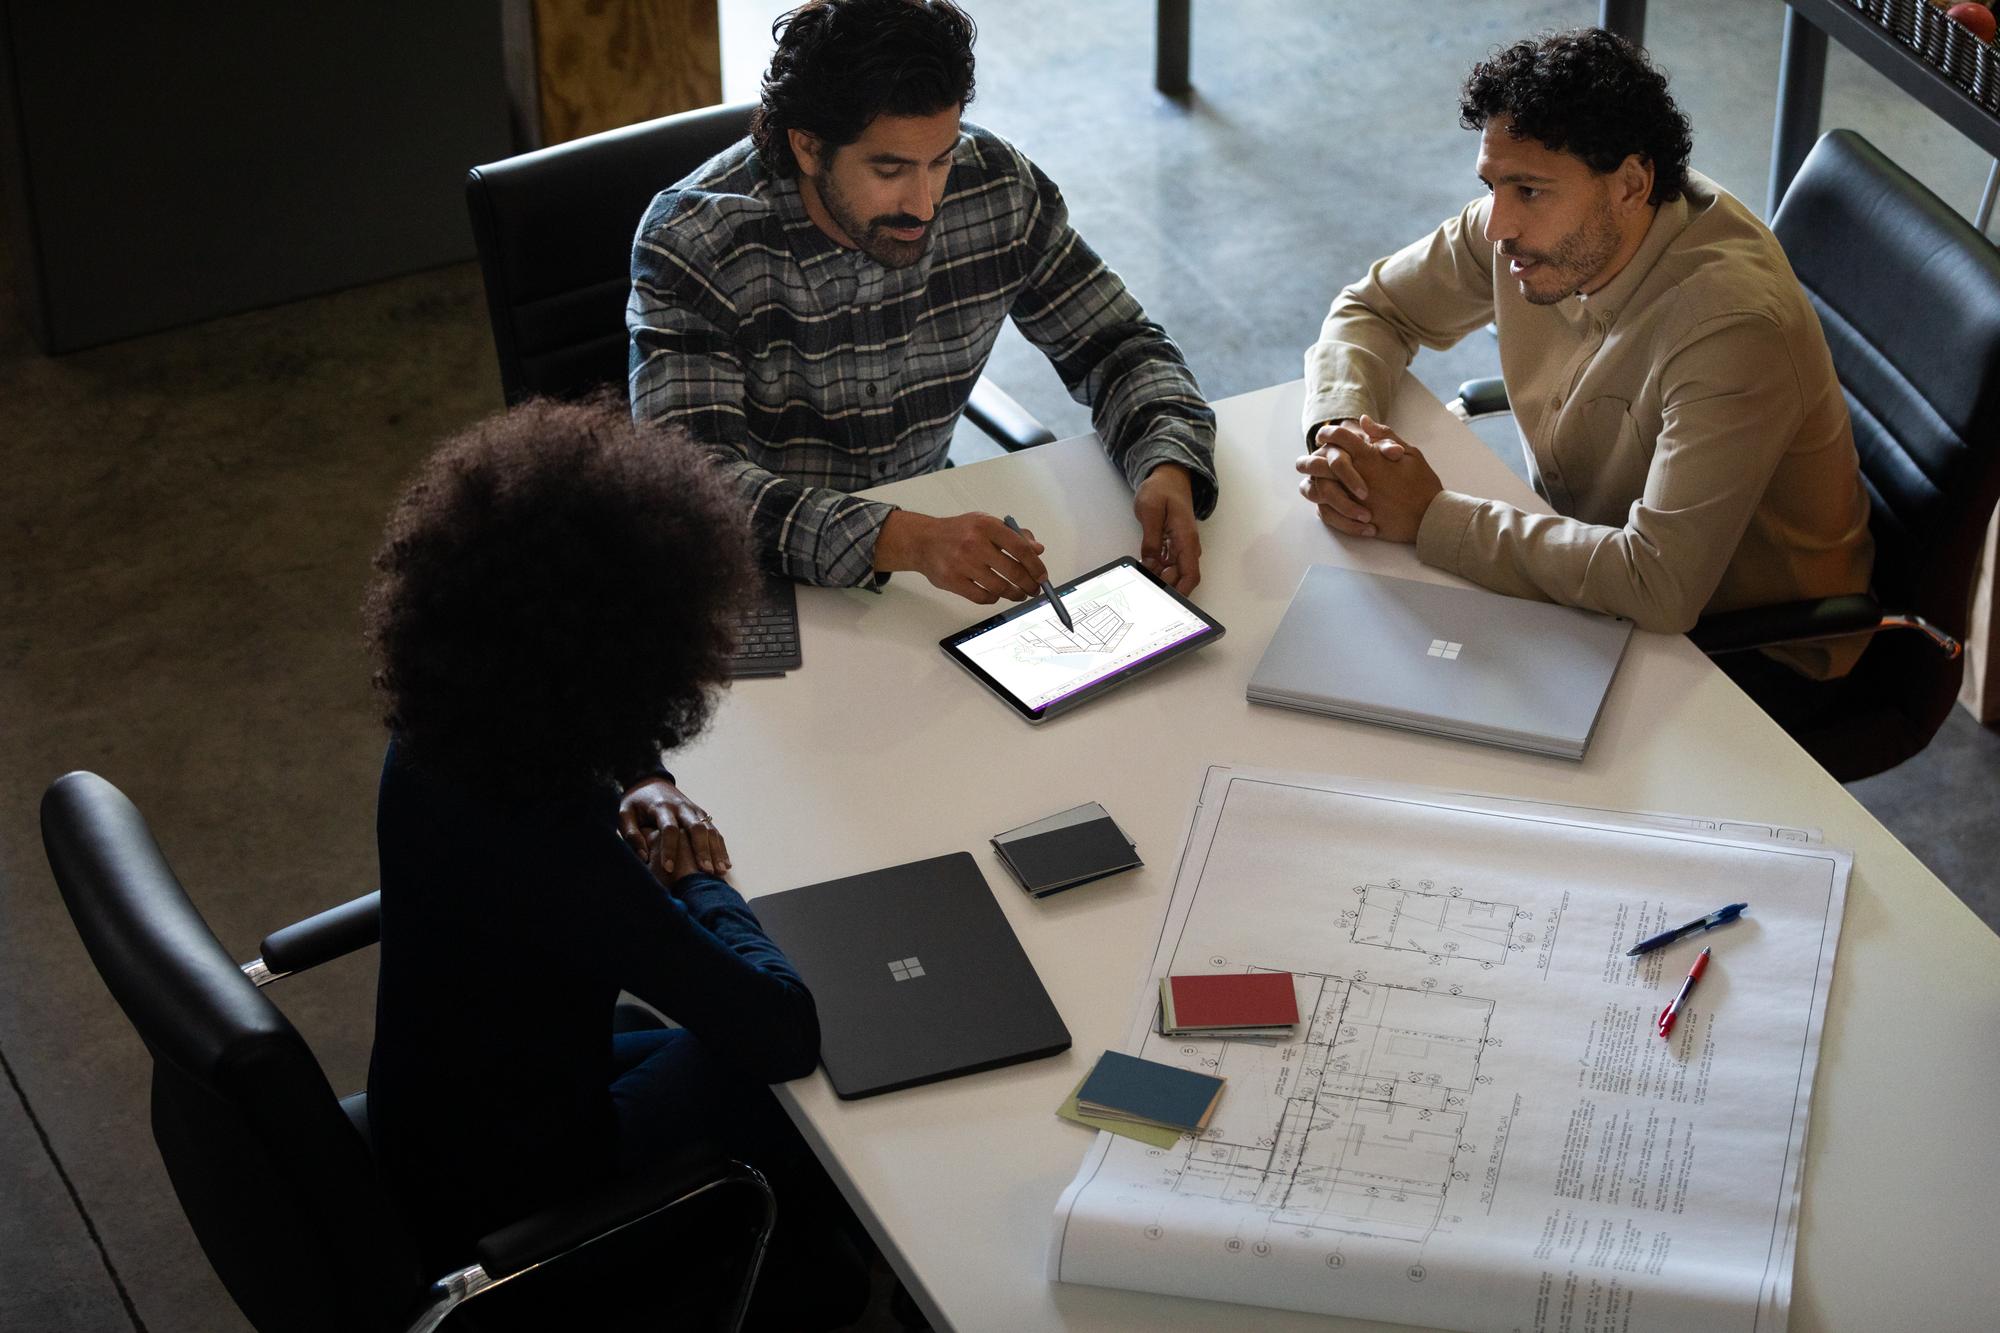 Kollegen sitzen an einem Tisch und arbeiten am Surface Go 2 eine digitale Zeichnung aus